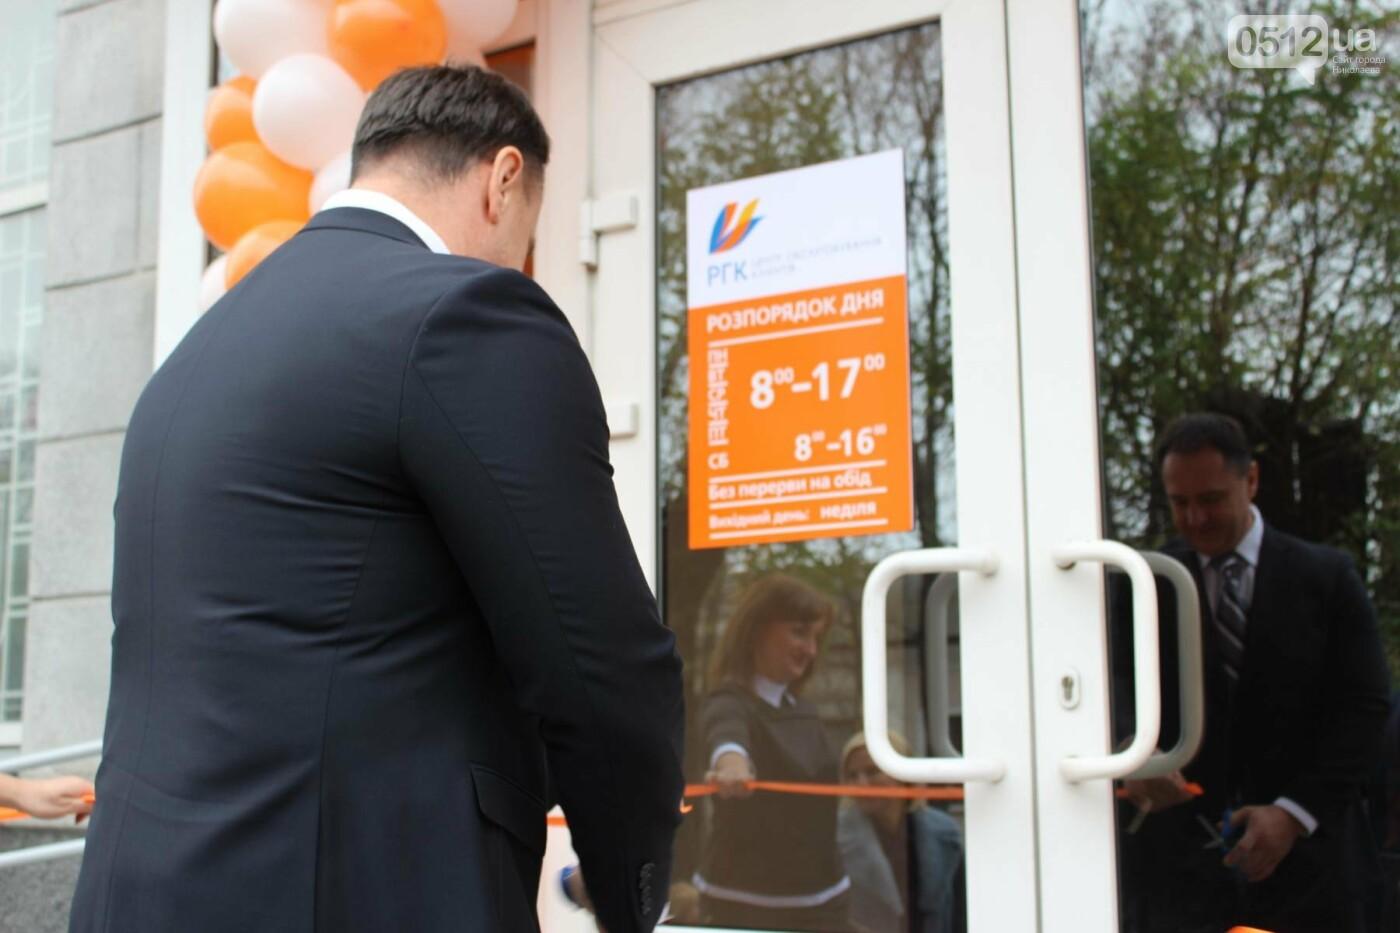 """""""Все услуги в одном месте"""": Николаевгаз открыл новый абонентский центр, - ФОТО, фото-4"""